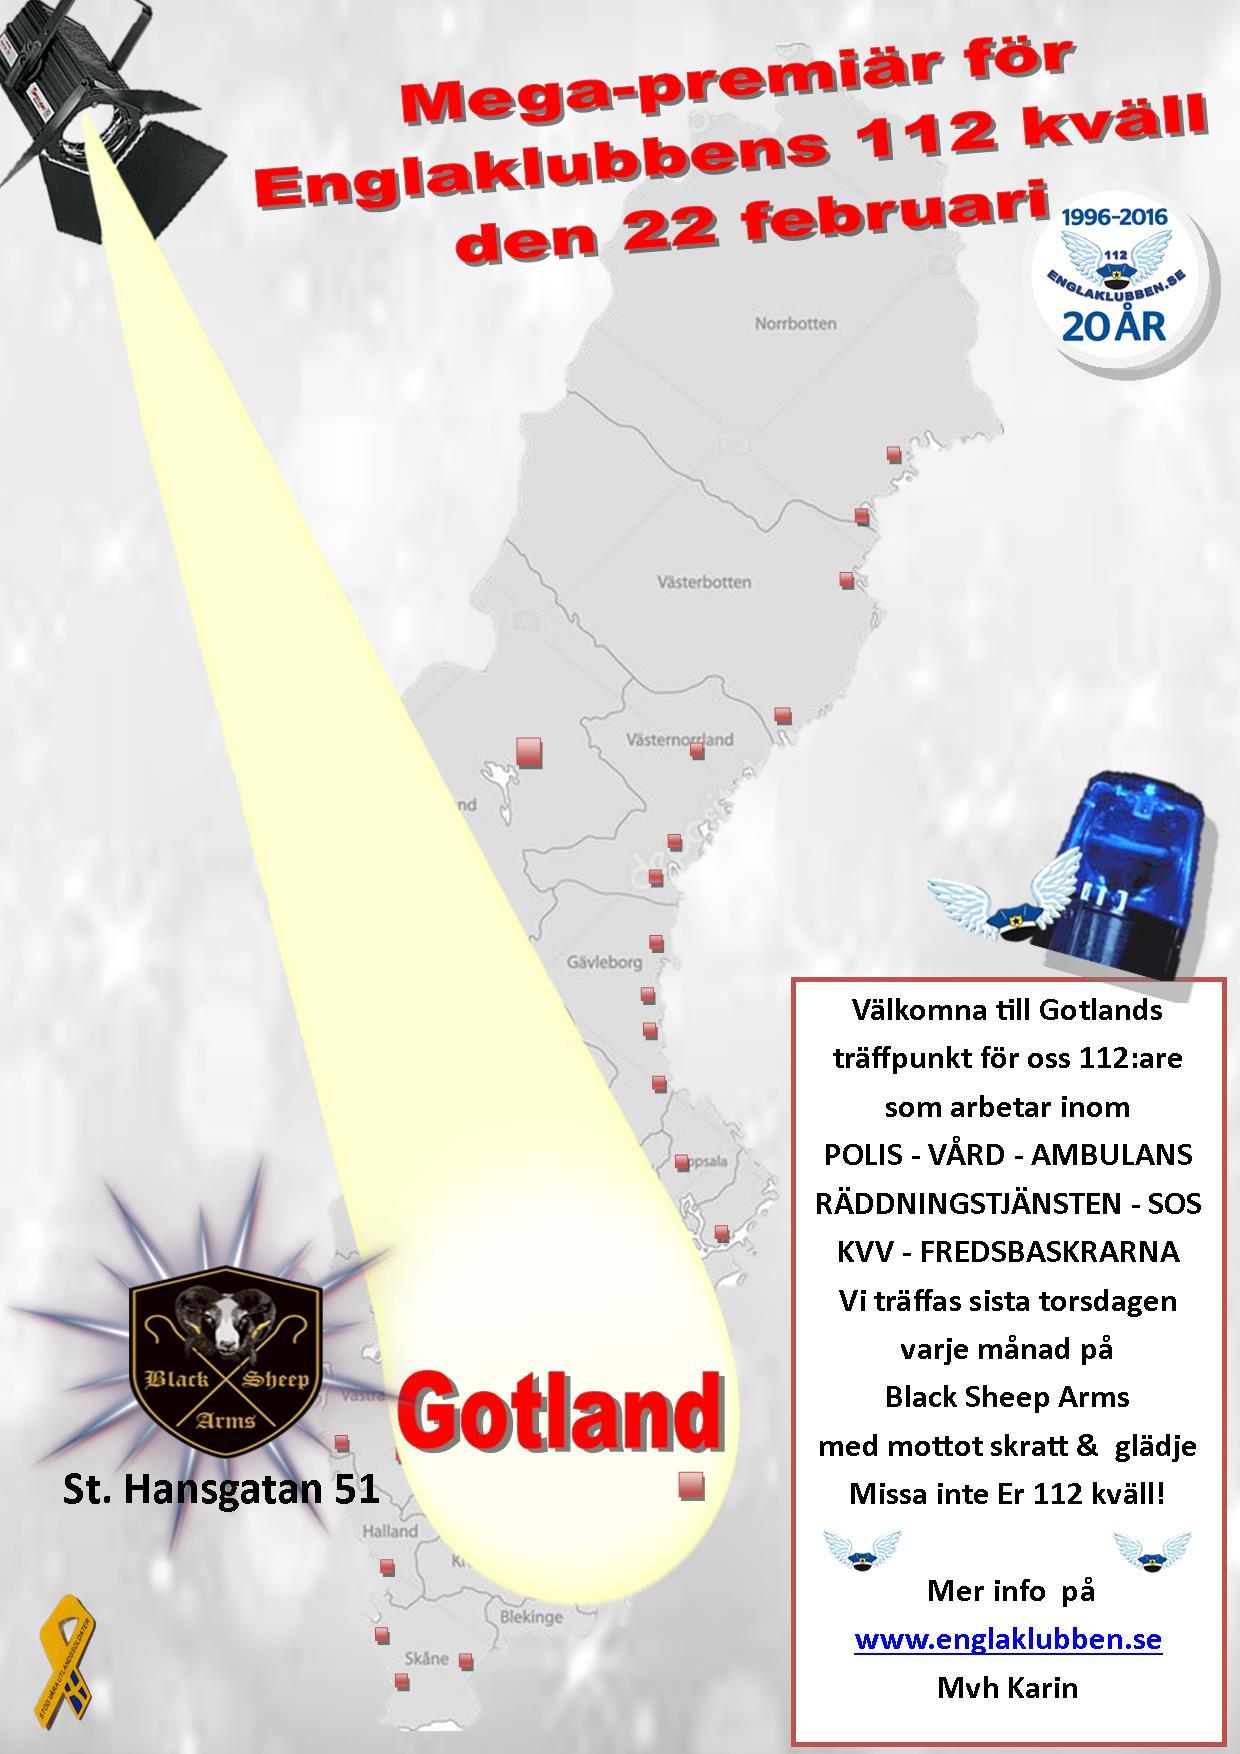 Gotland Englaklubbens 112 kväll inbjudan